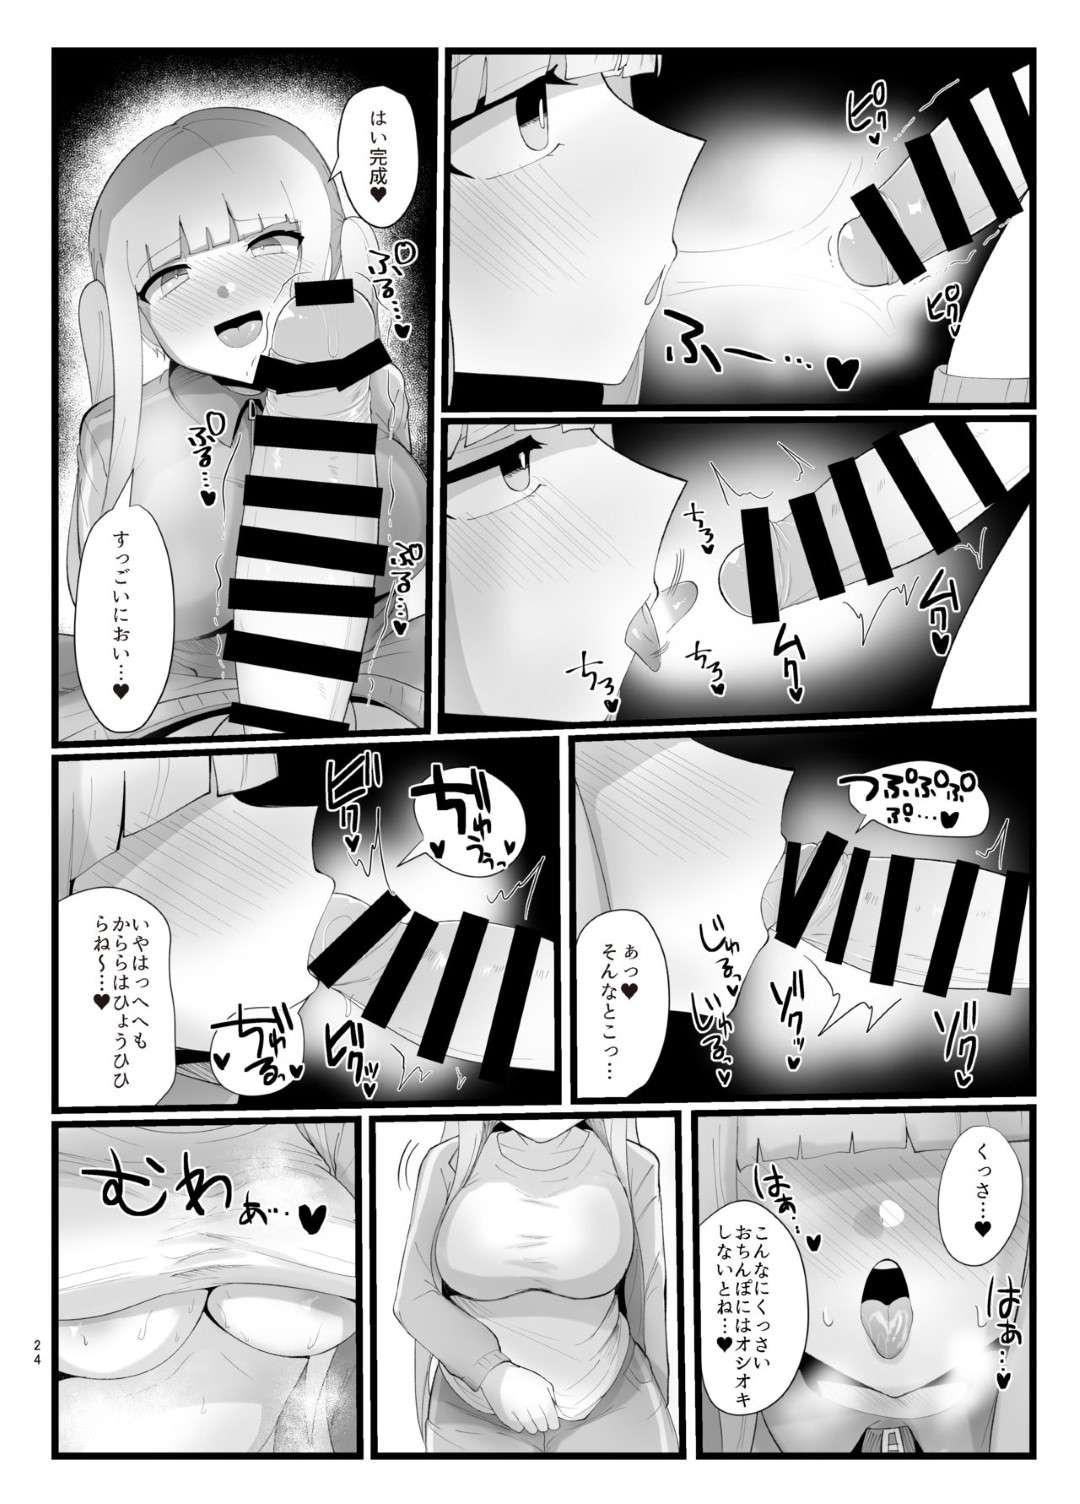 【エロ同人誌】クラスで壁を作り一人でいつも居る真面目JK…本を読んでいたが突然立ち上がり保健室へ向かうが、途中で親切なクラスメイト女子におでこを触られふたなりチンポが反応してしまう!【サークルふかみのこころ (溶炎にあれ):サキュバスさんとふたなり委員長】